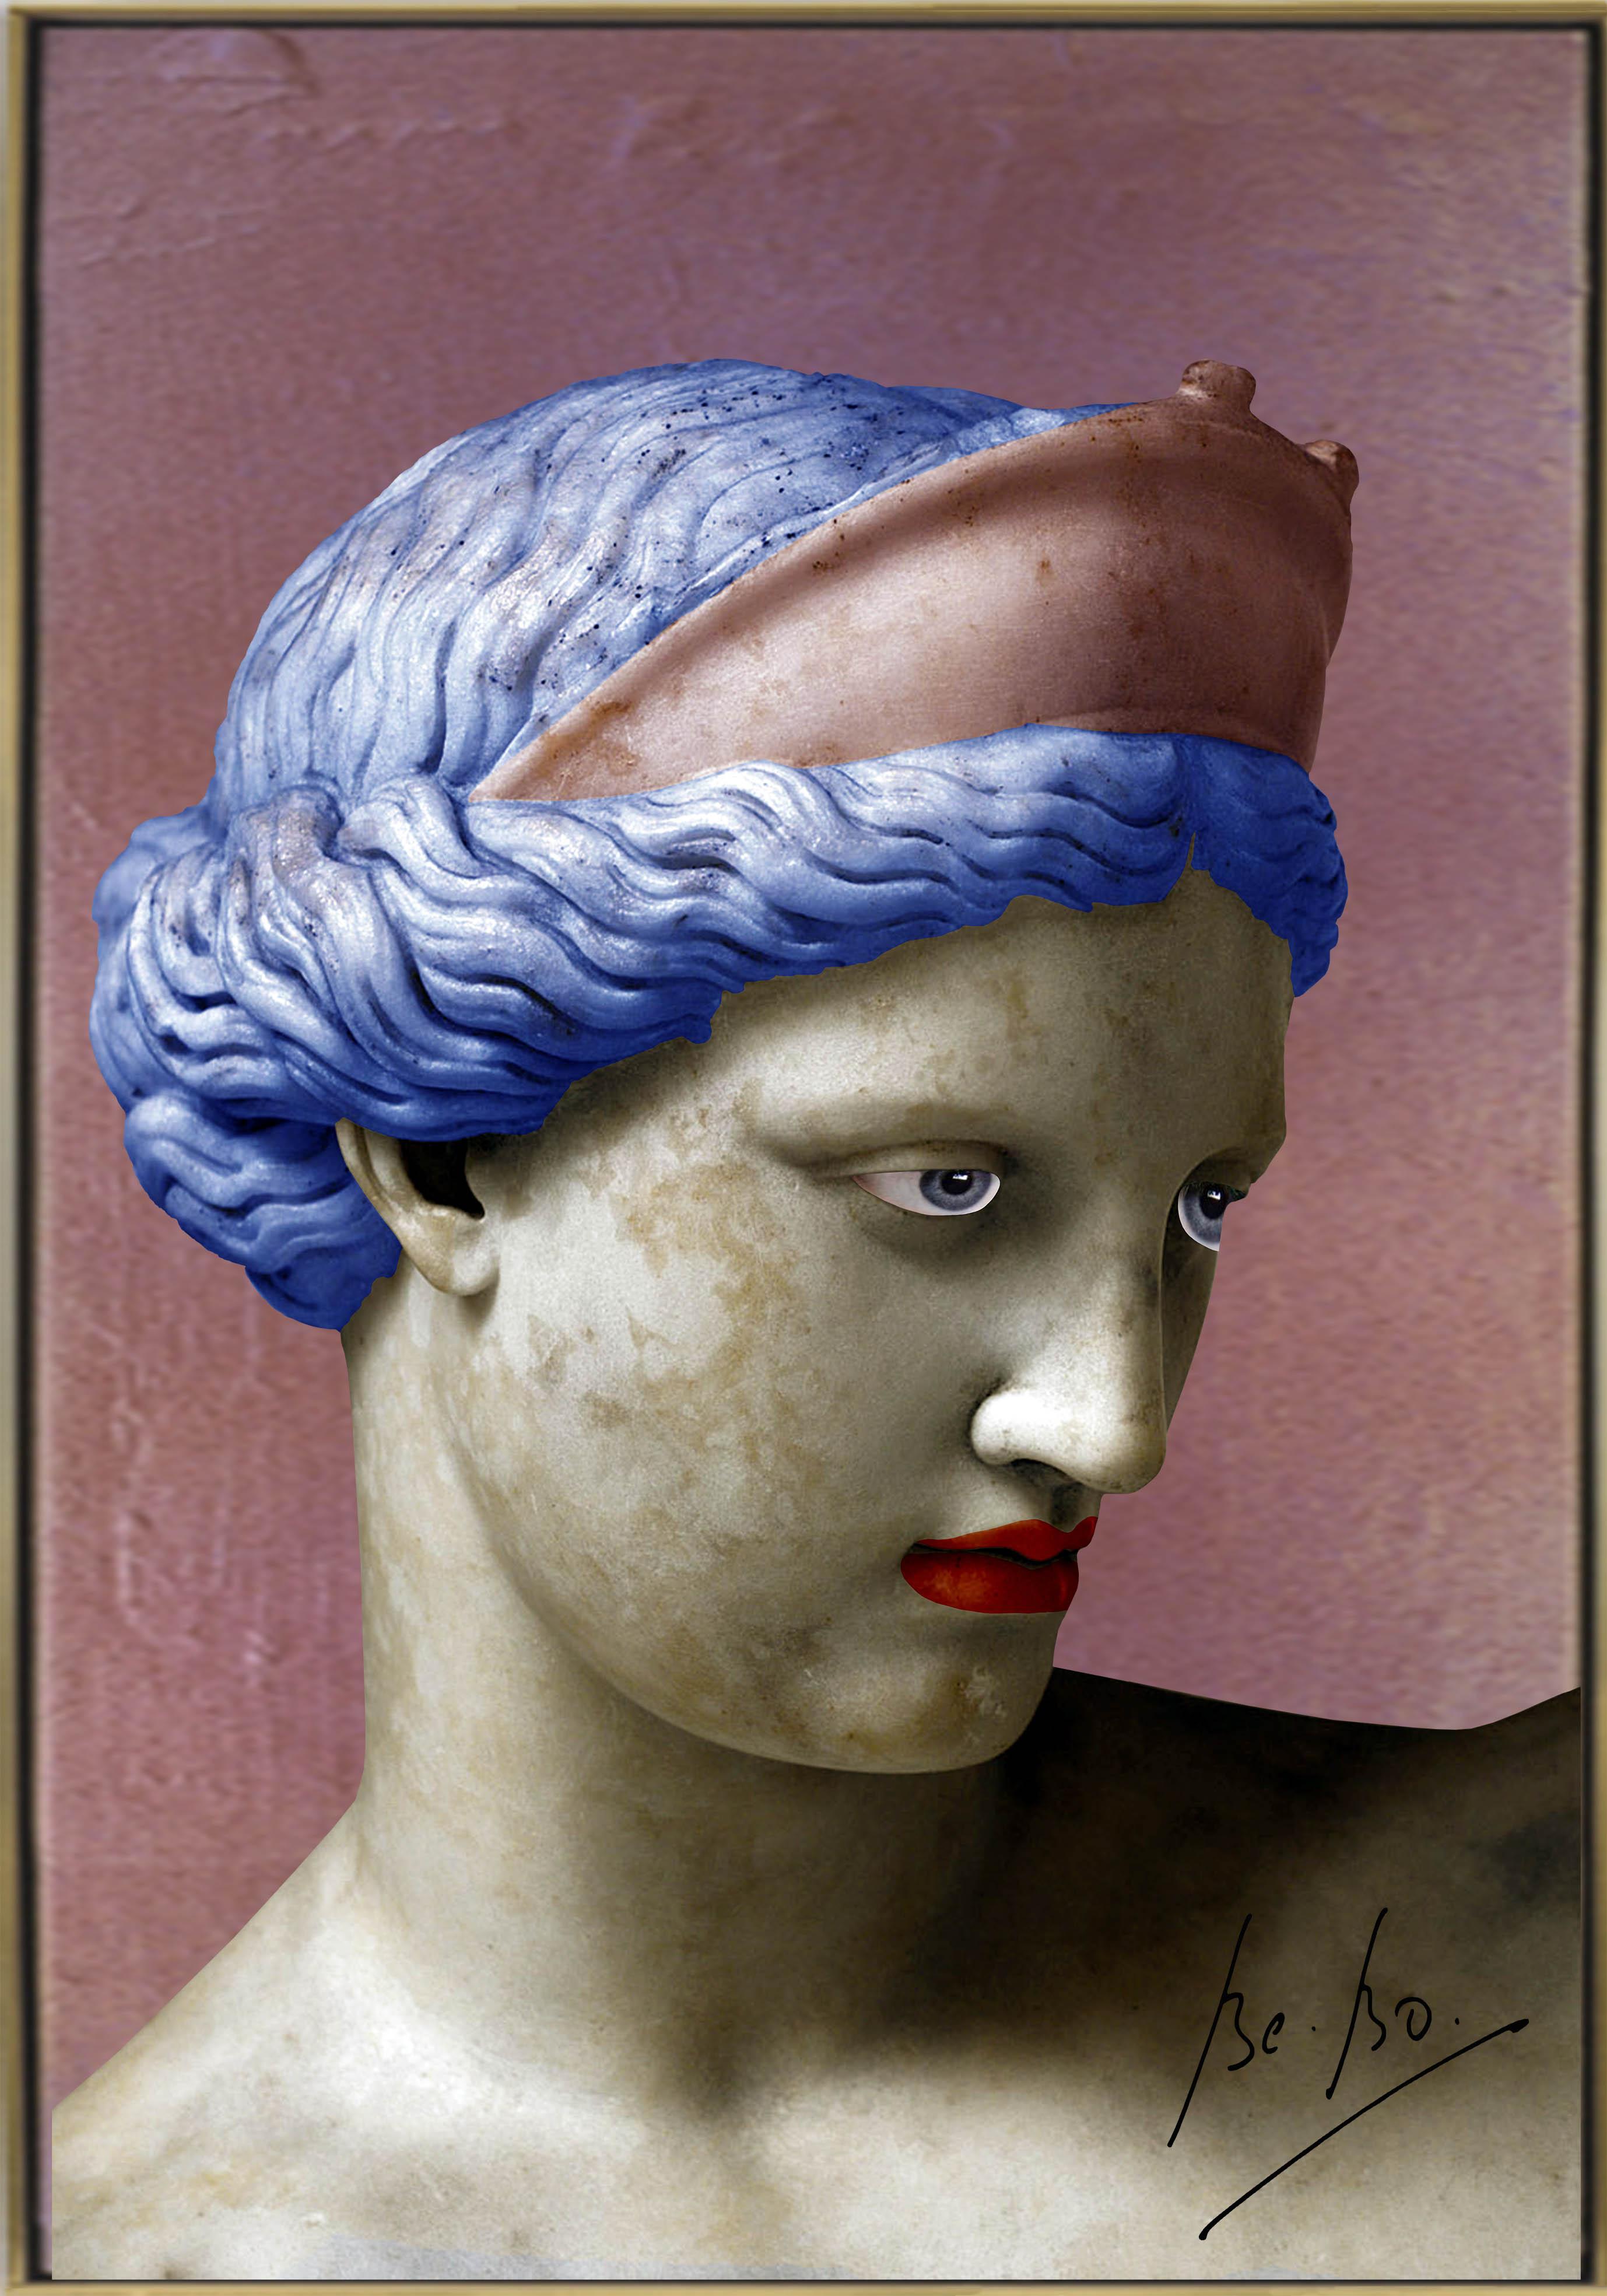 Aphrodite de Capoue, Musée Naples